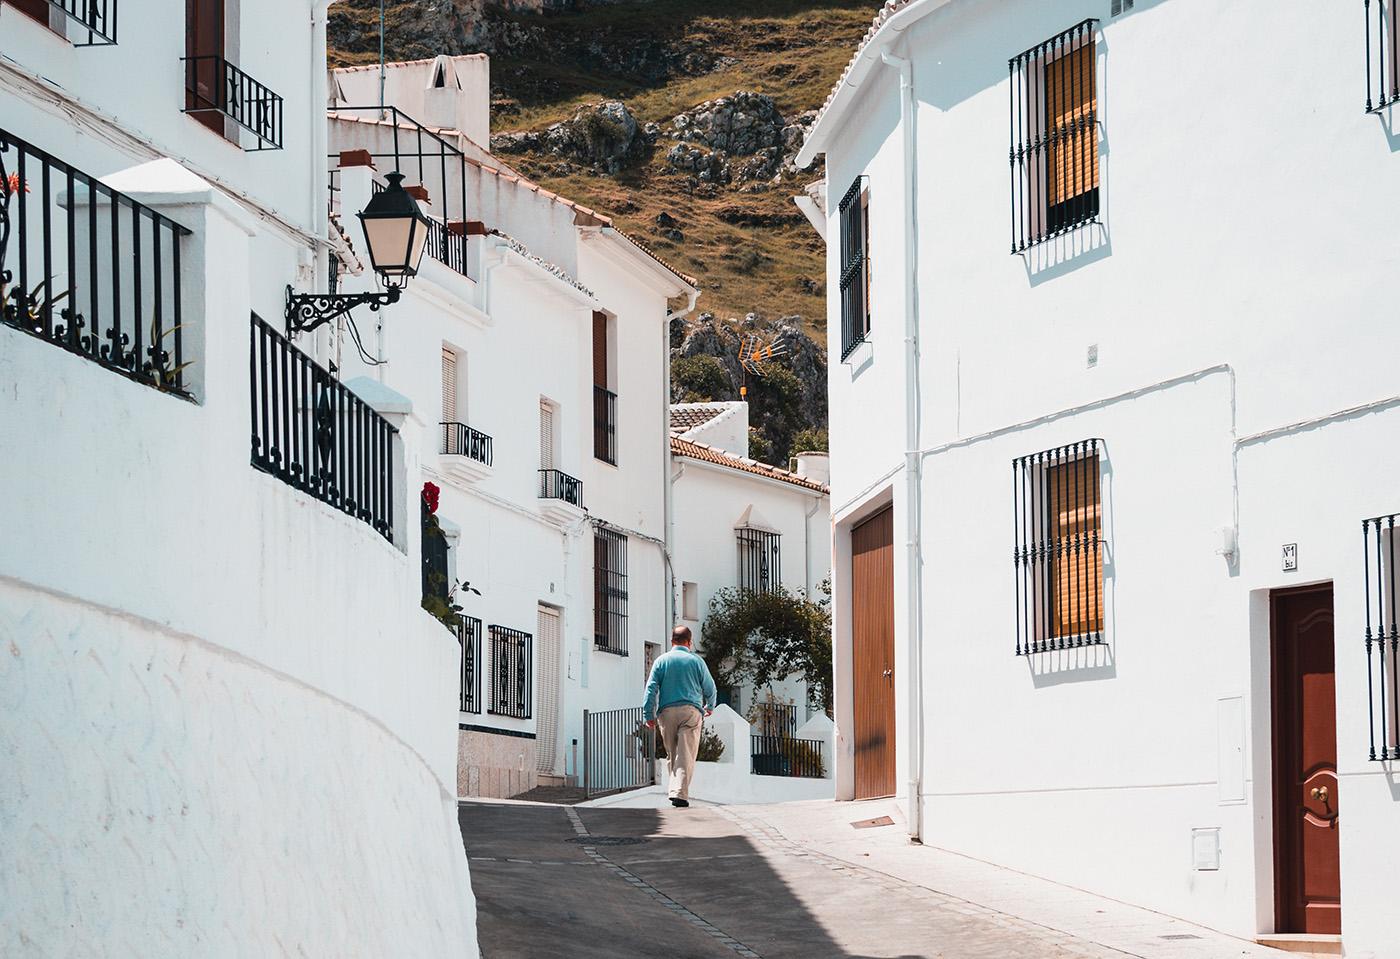 ¿Tienes una vivienda alquilada? El seguro de Alquiler te protege frente a un impago 0